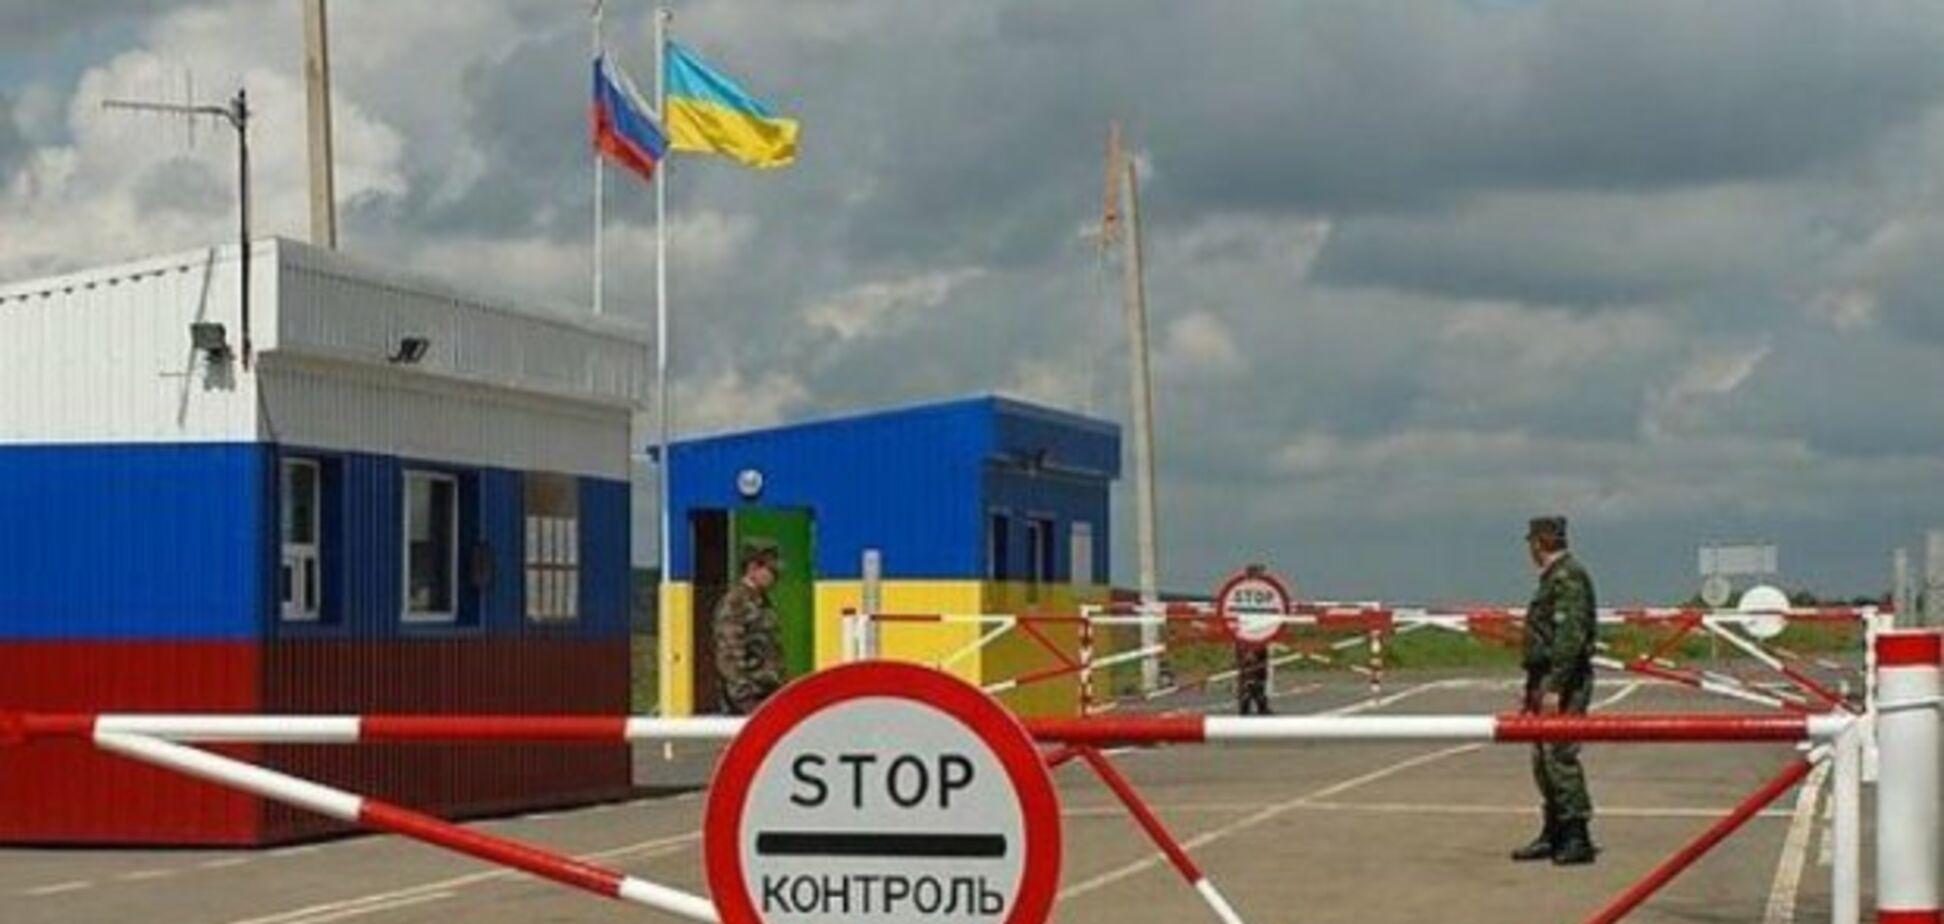 Граница Украины и России